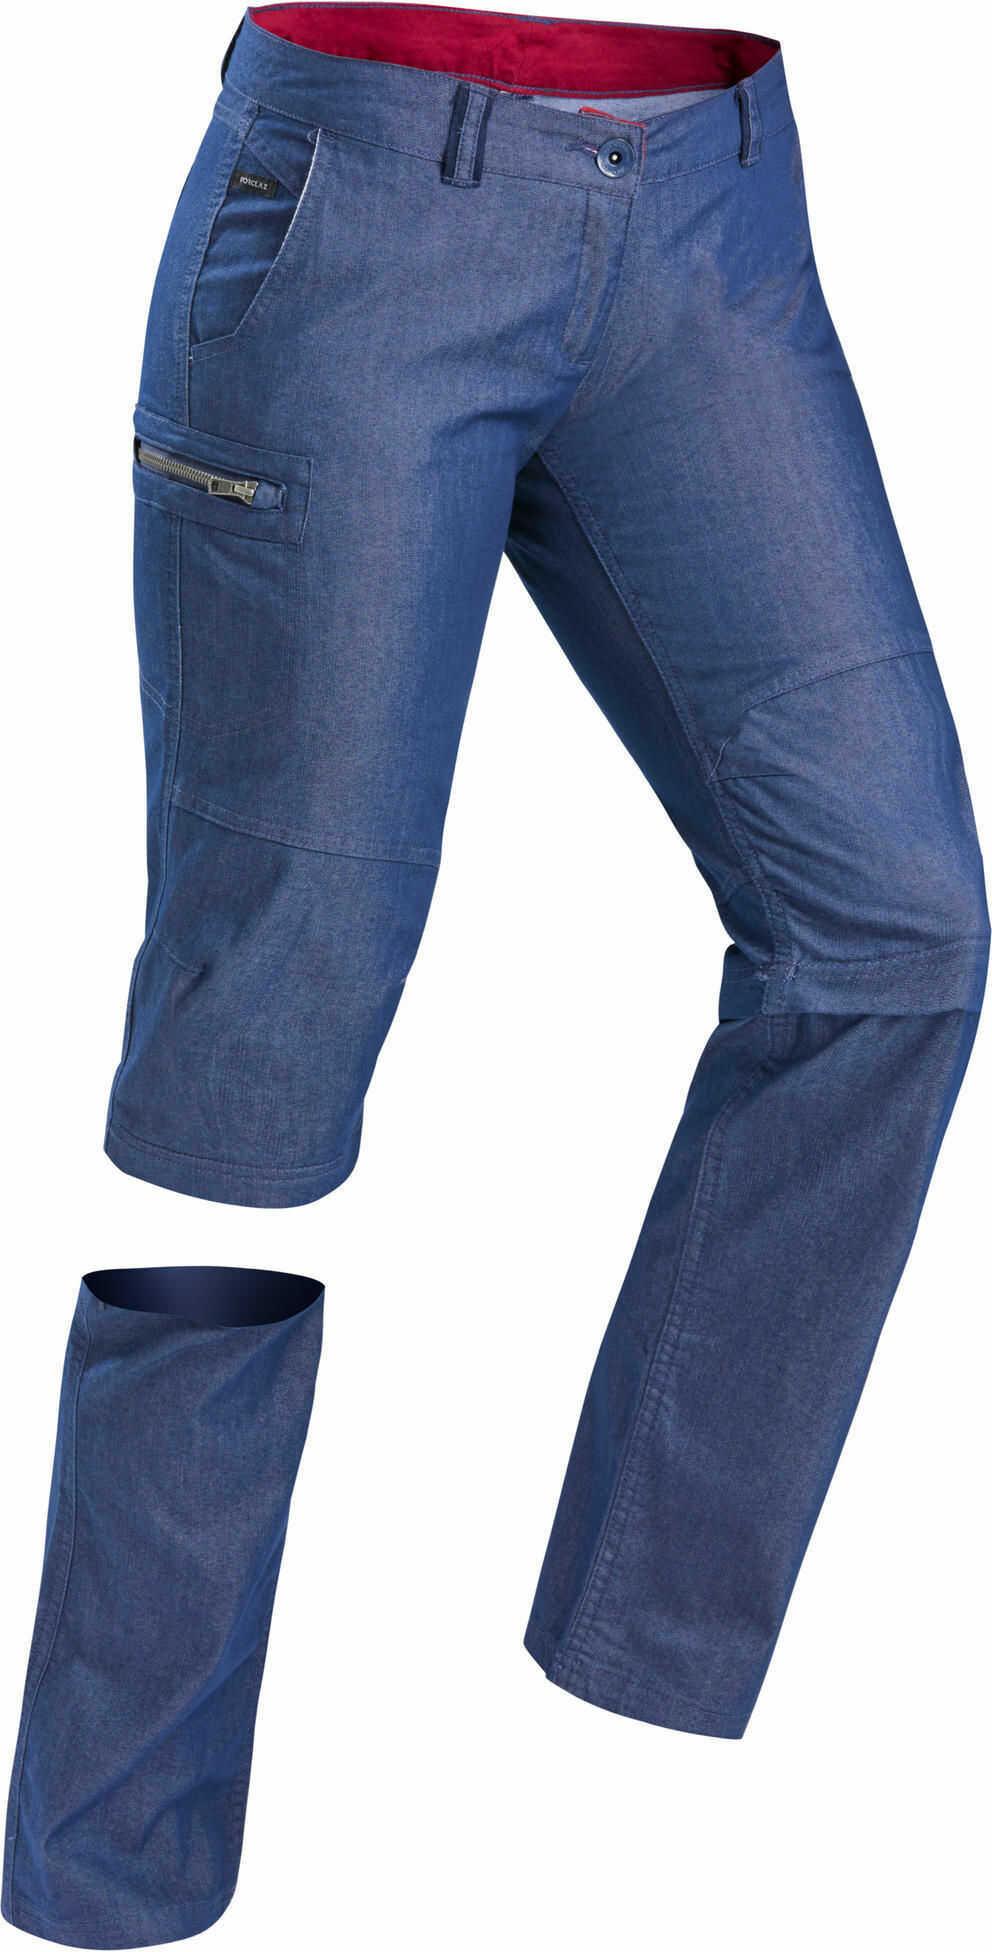 Spodnie turystyczne damskie 2w1 Forclaz TRAVEL 100